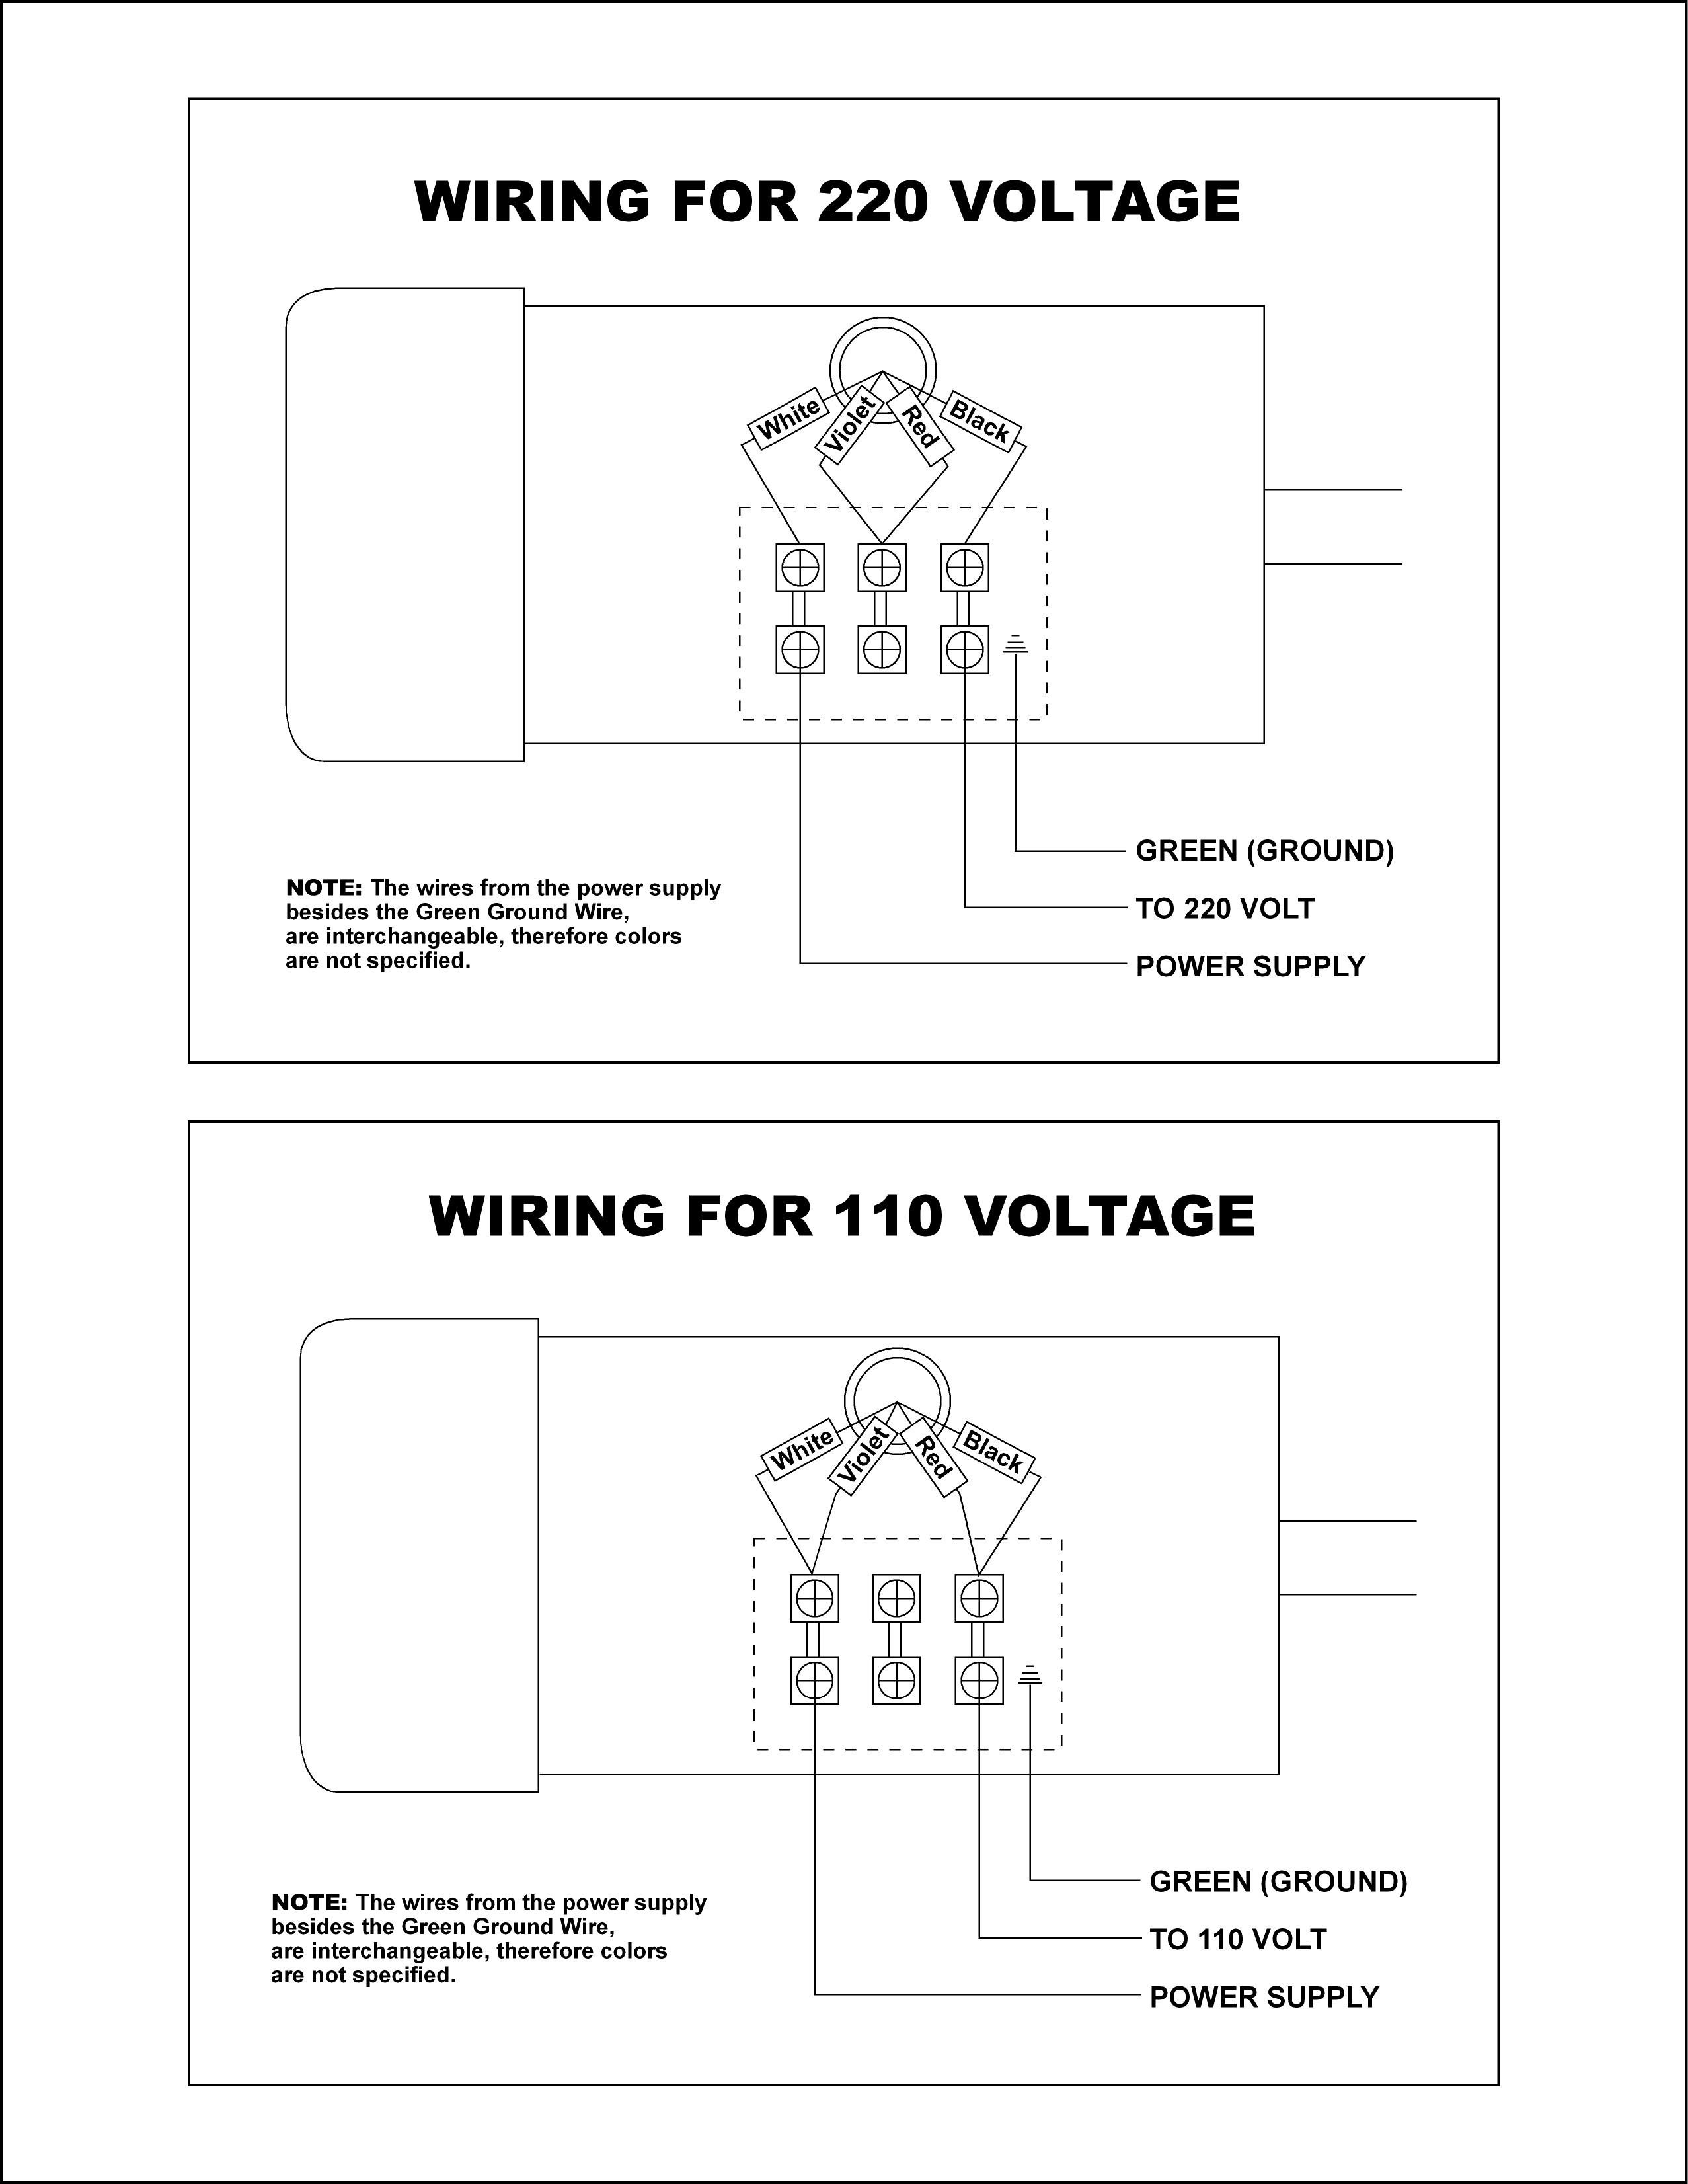 emerson motor wiring diagram | free wiring diagram emerson ac motor wiring diagram